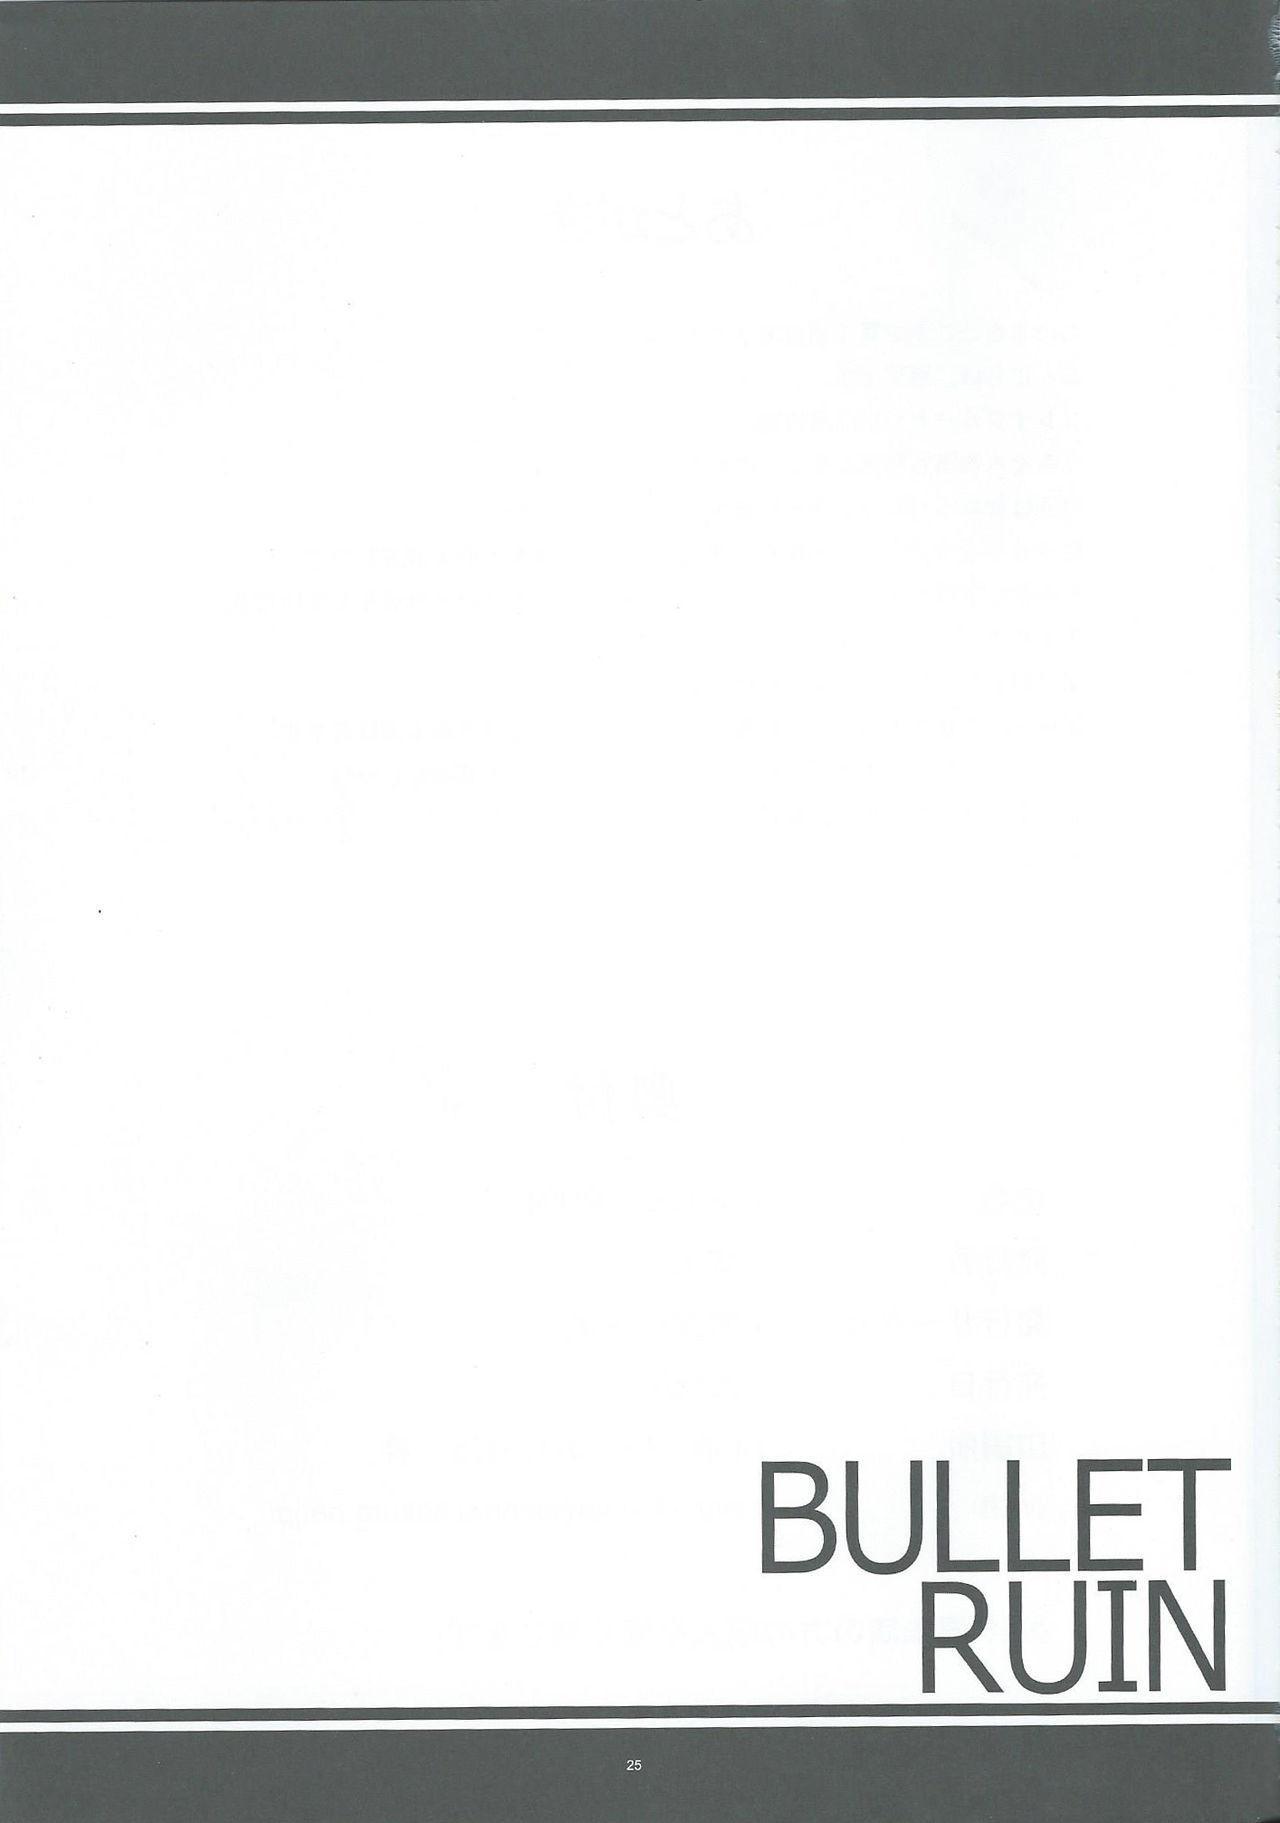 BULLET RUIN 23